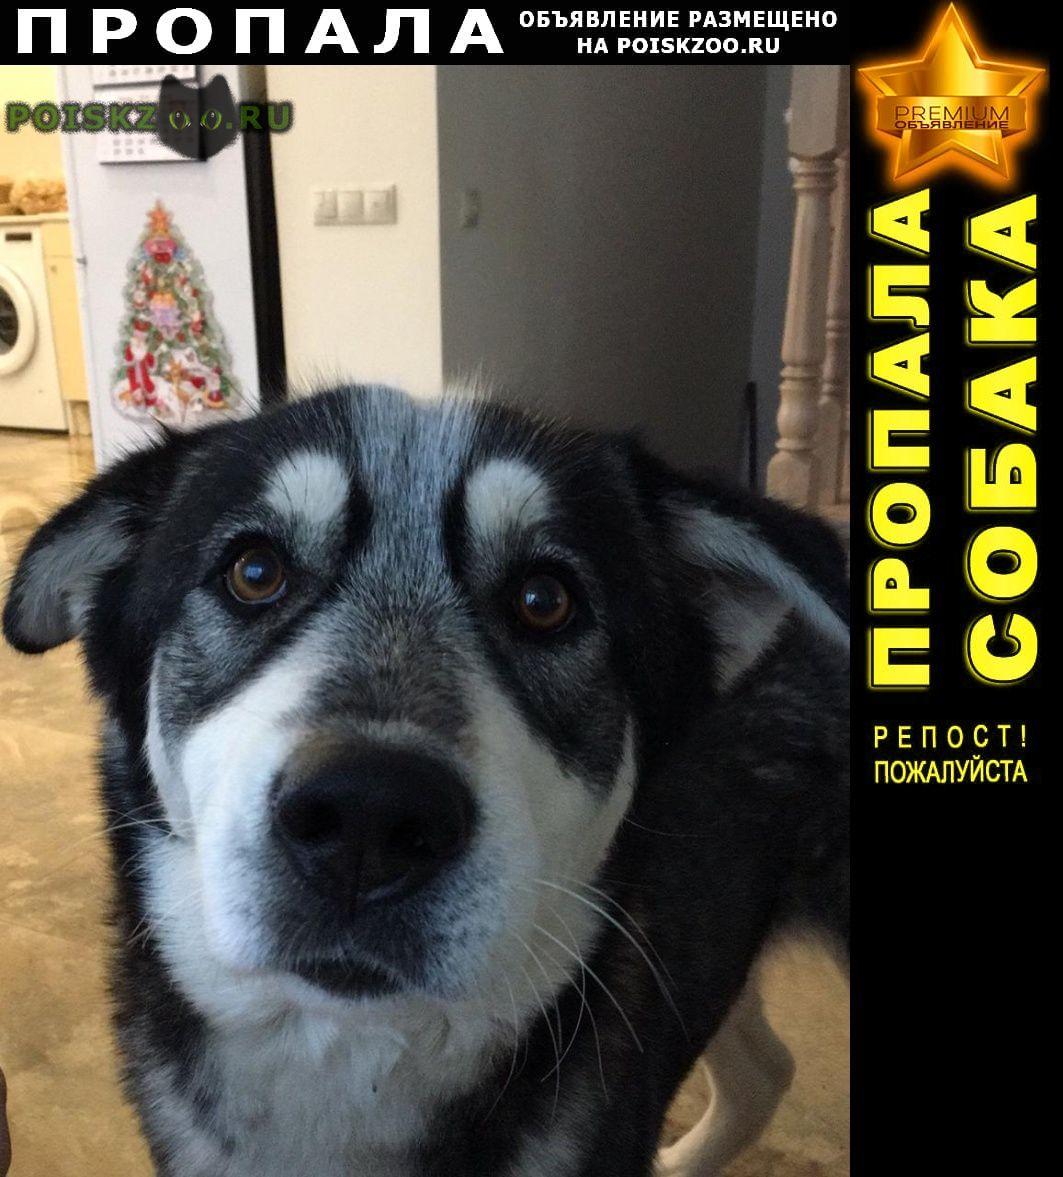 Пропала собака Видное